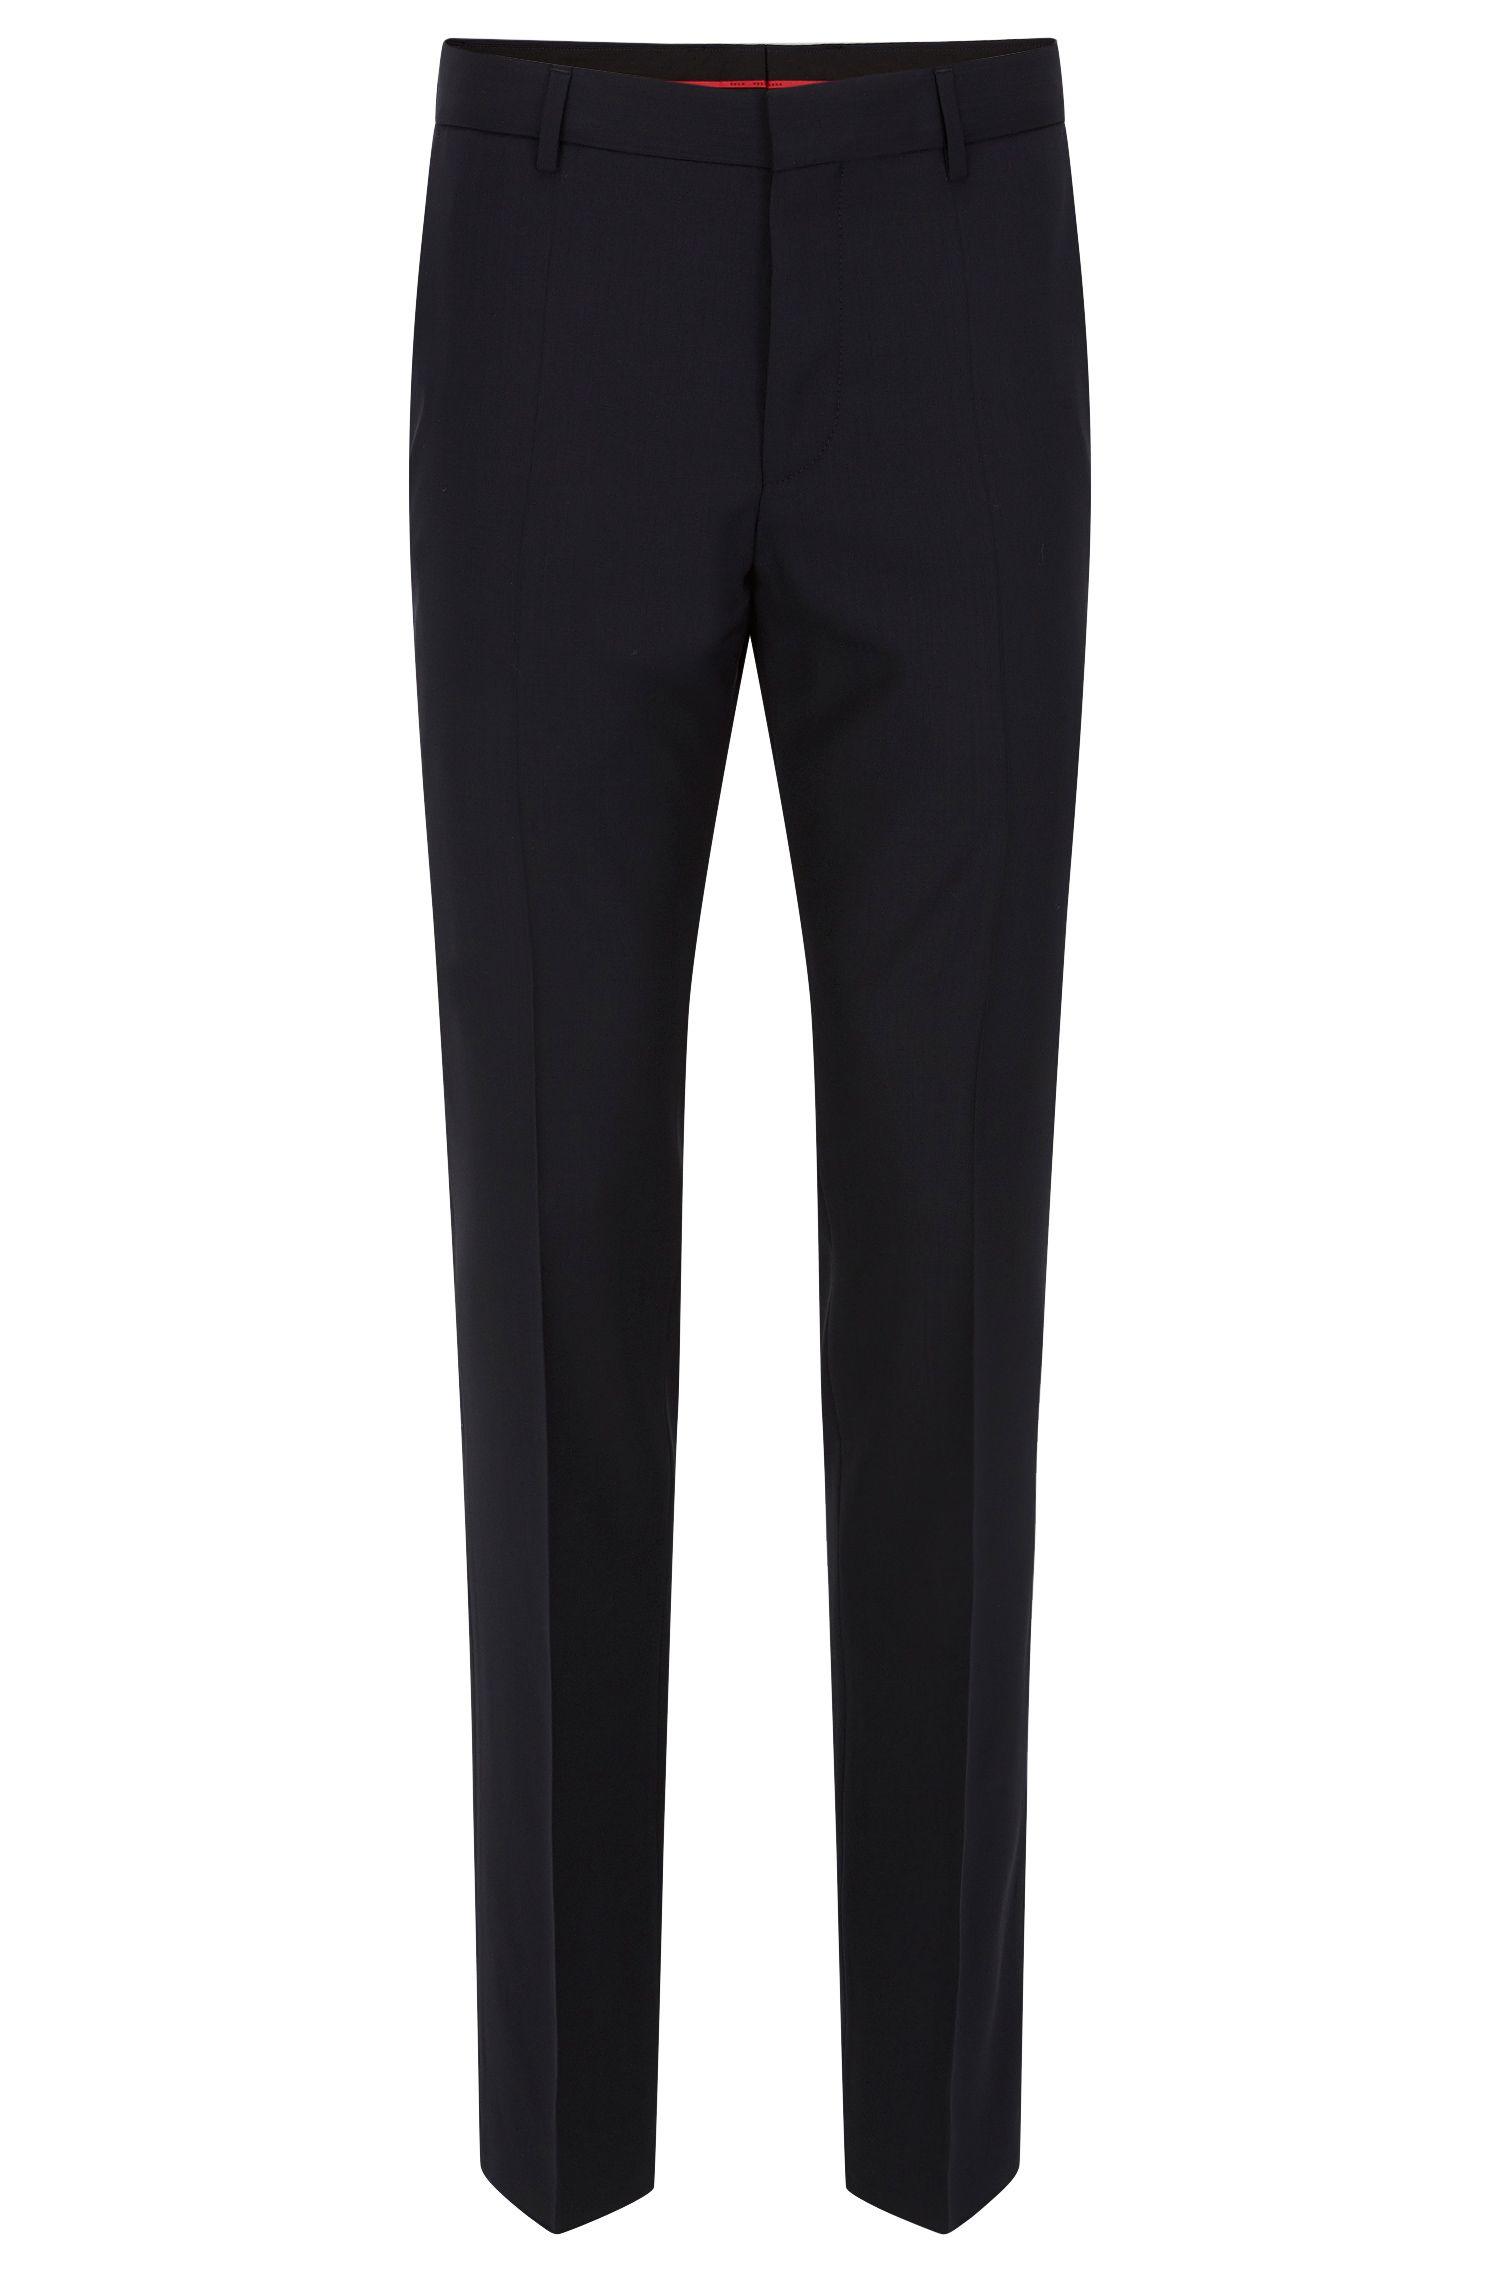 Pantaloni a gamba aderente in lana vergine elasticizzata